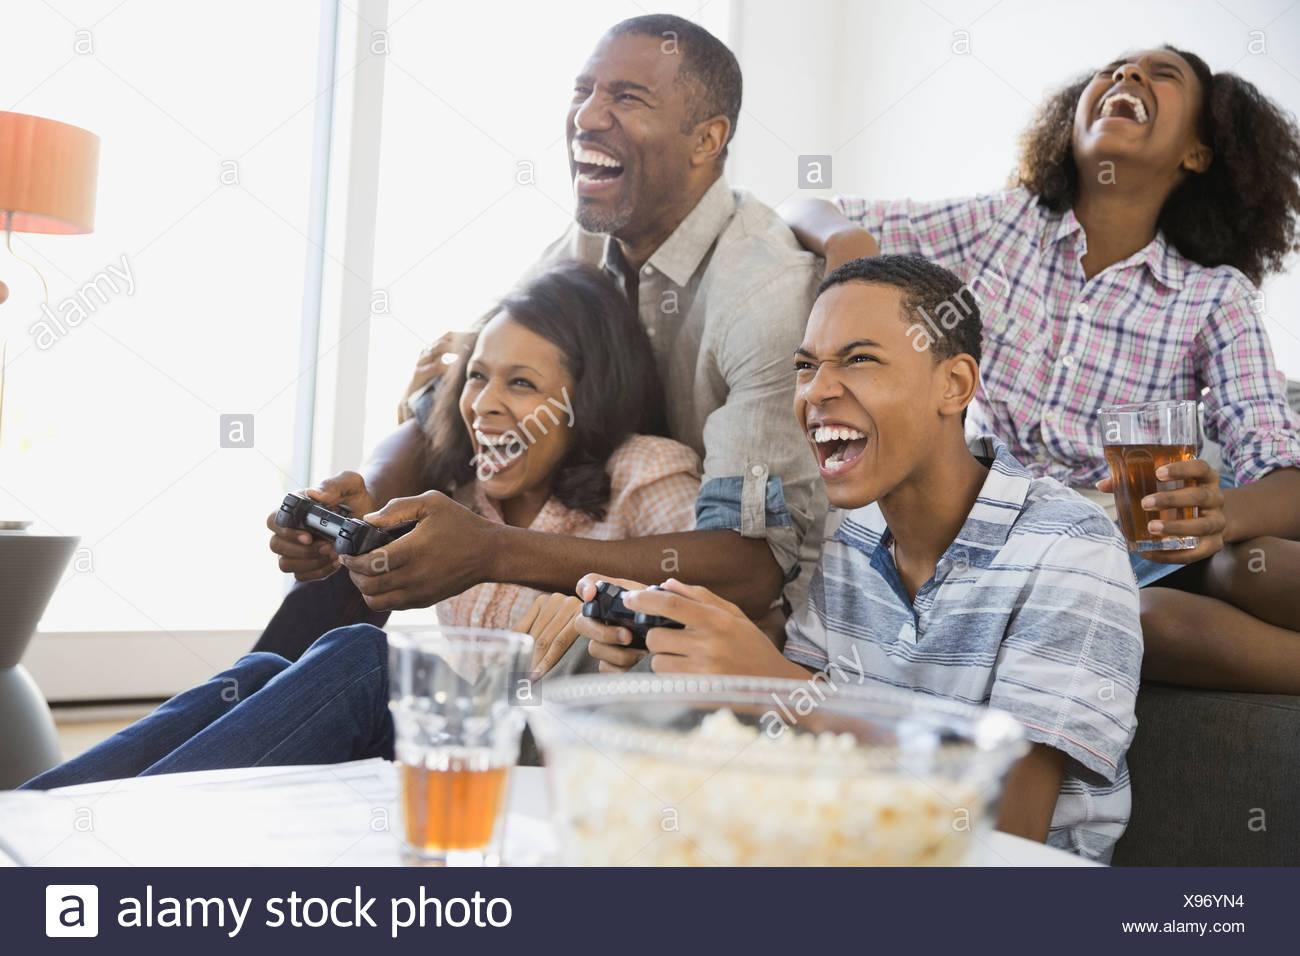 Famille de jeux vidéo à la maison Photo Stock